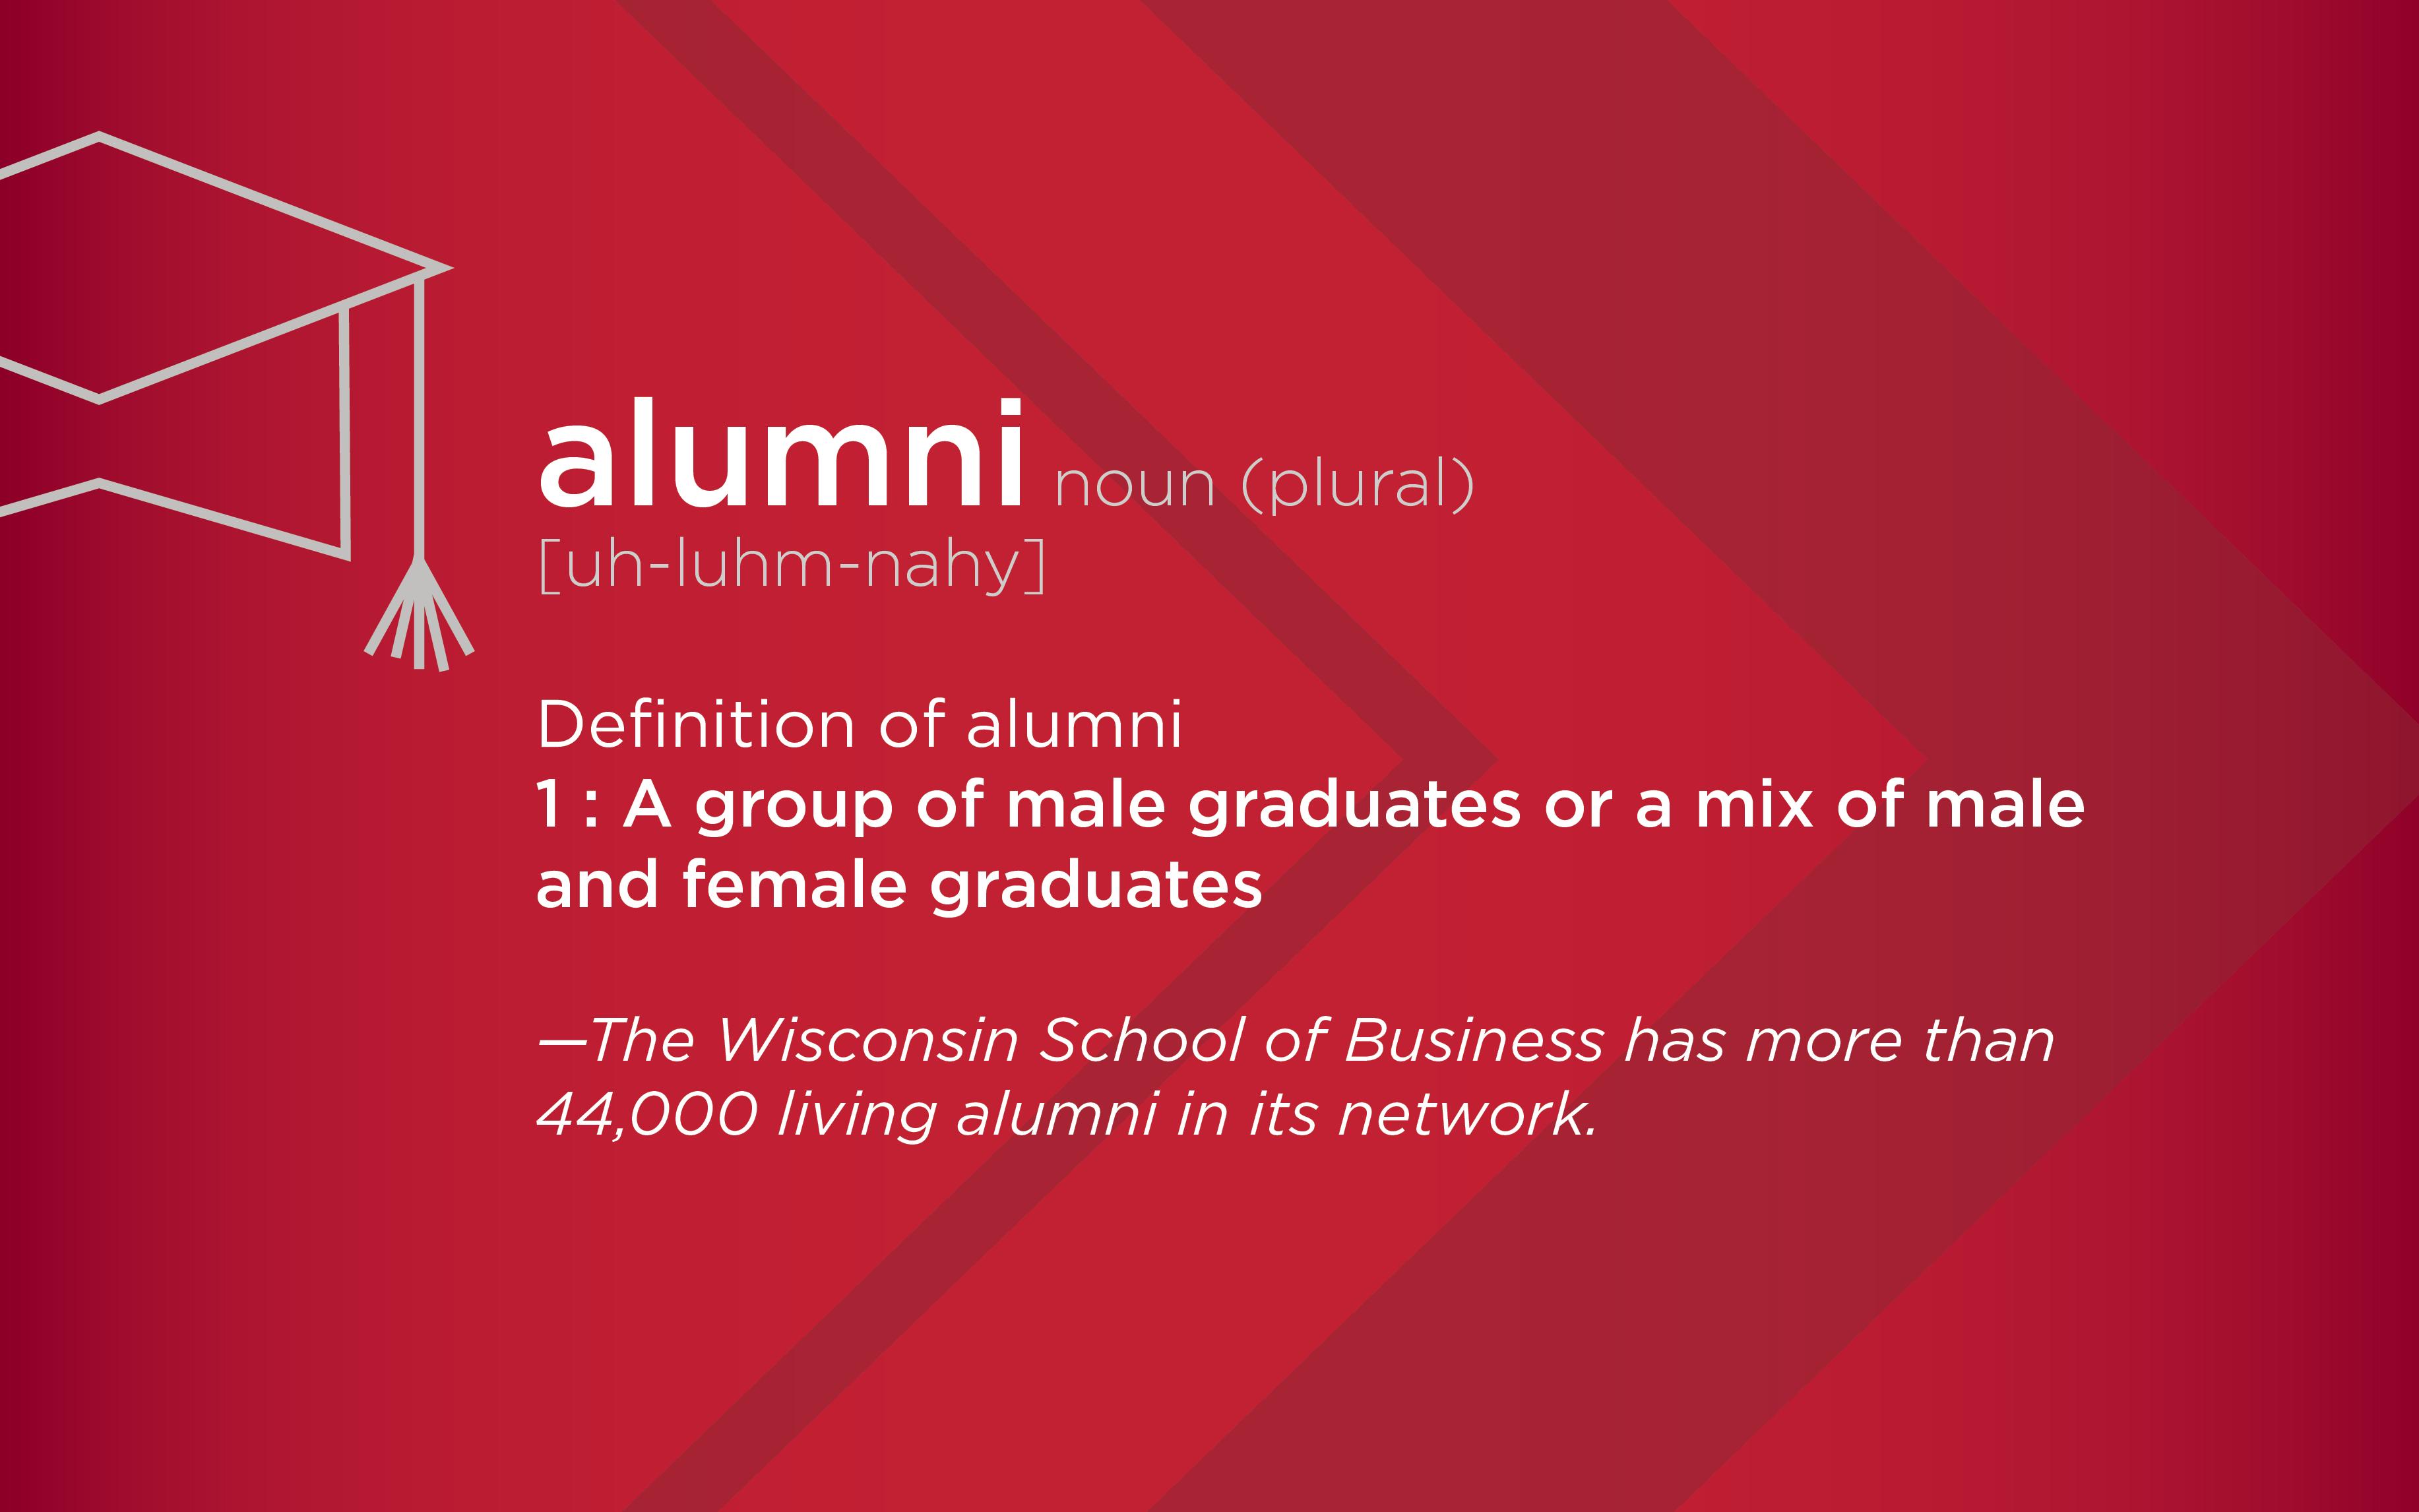 Alumni definition